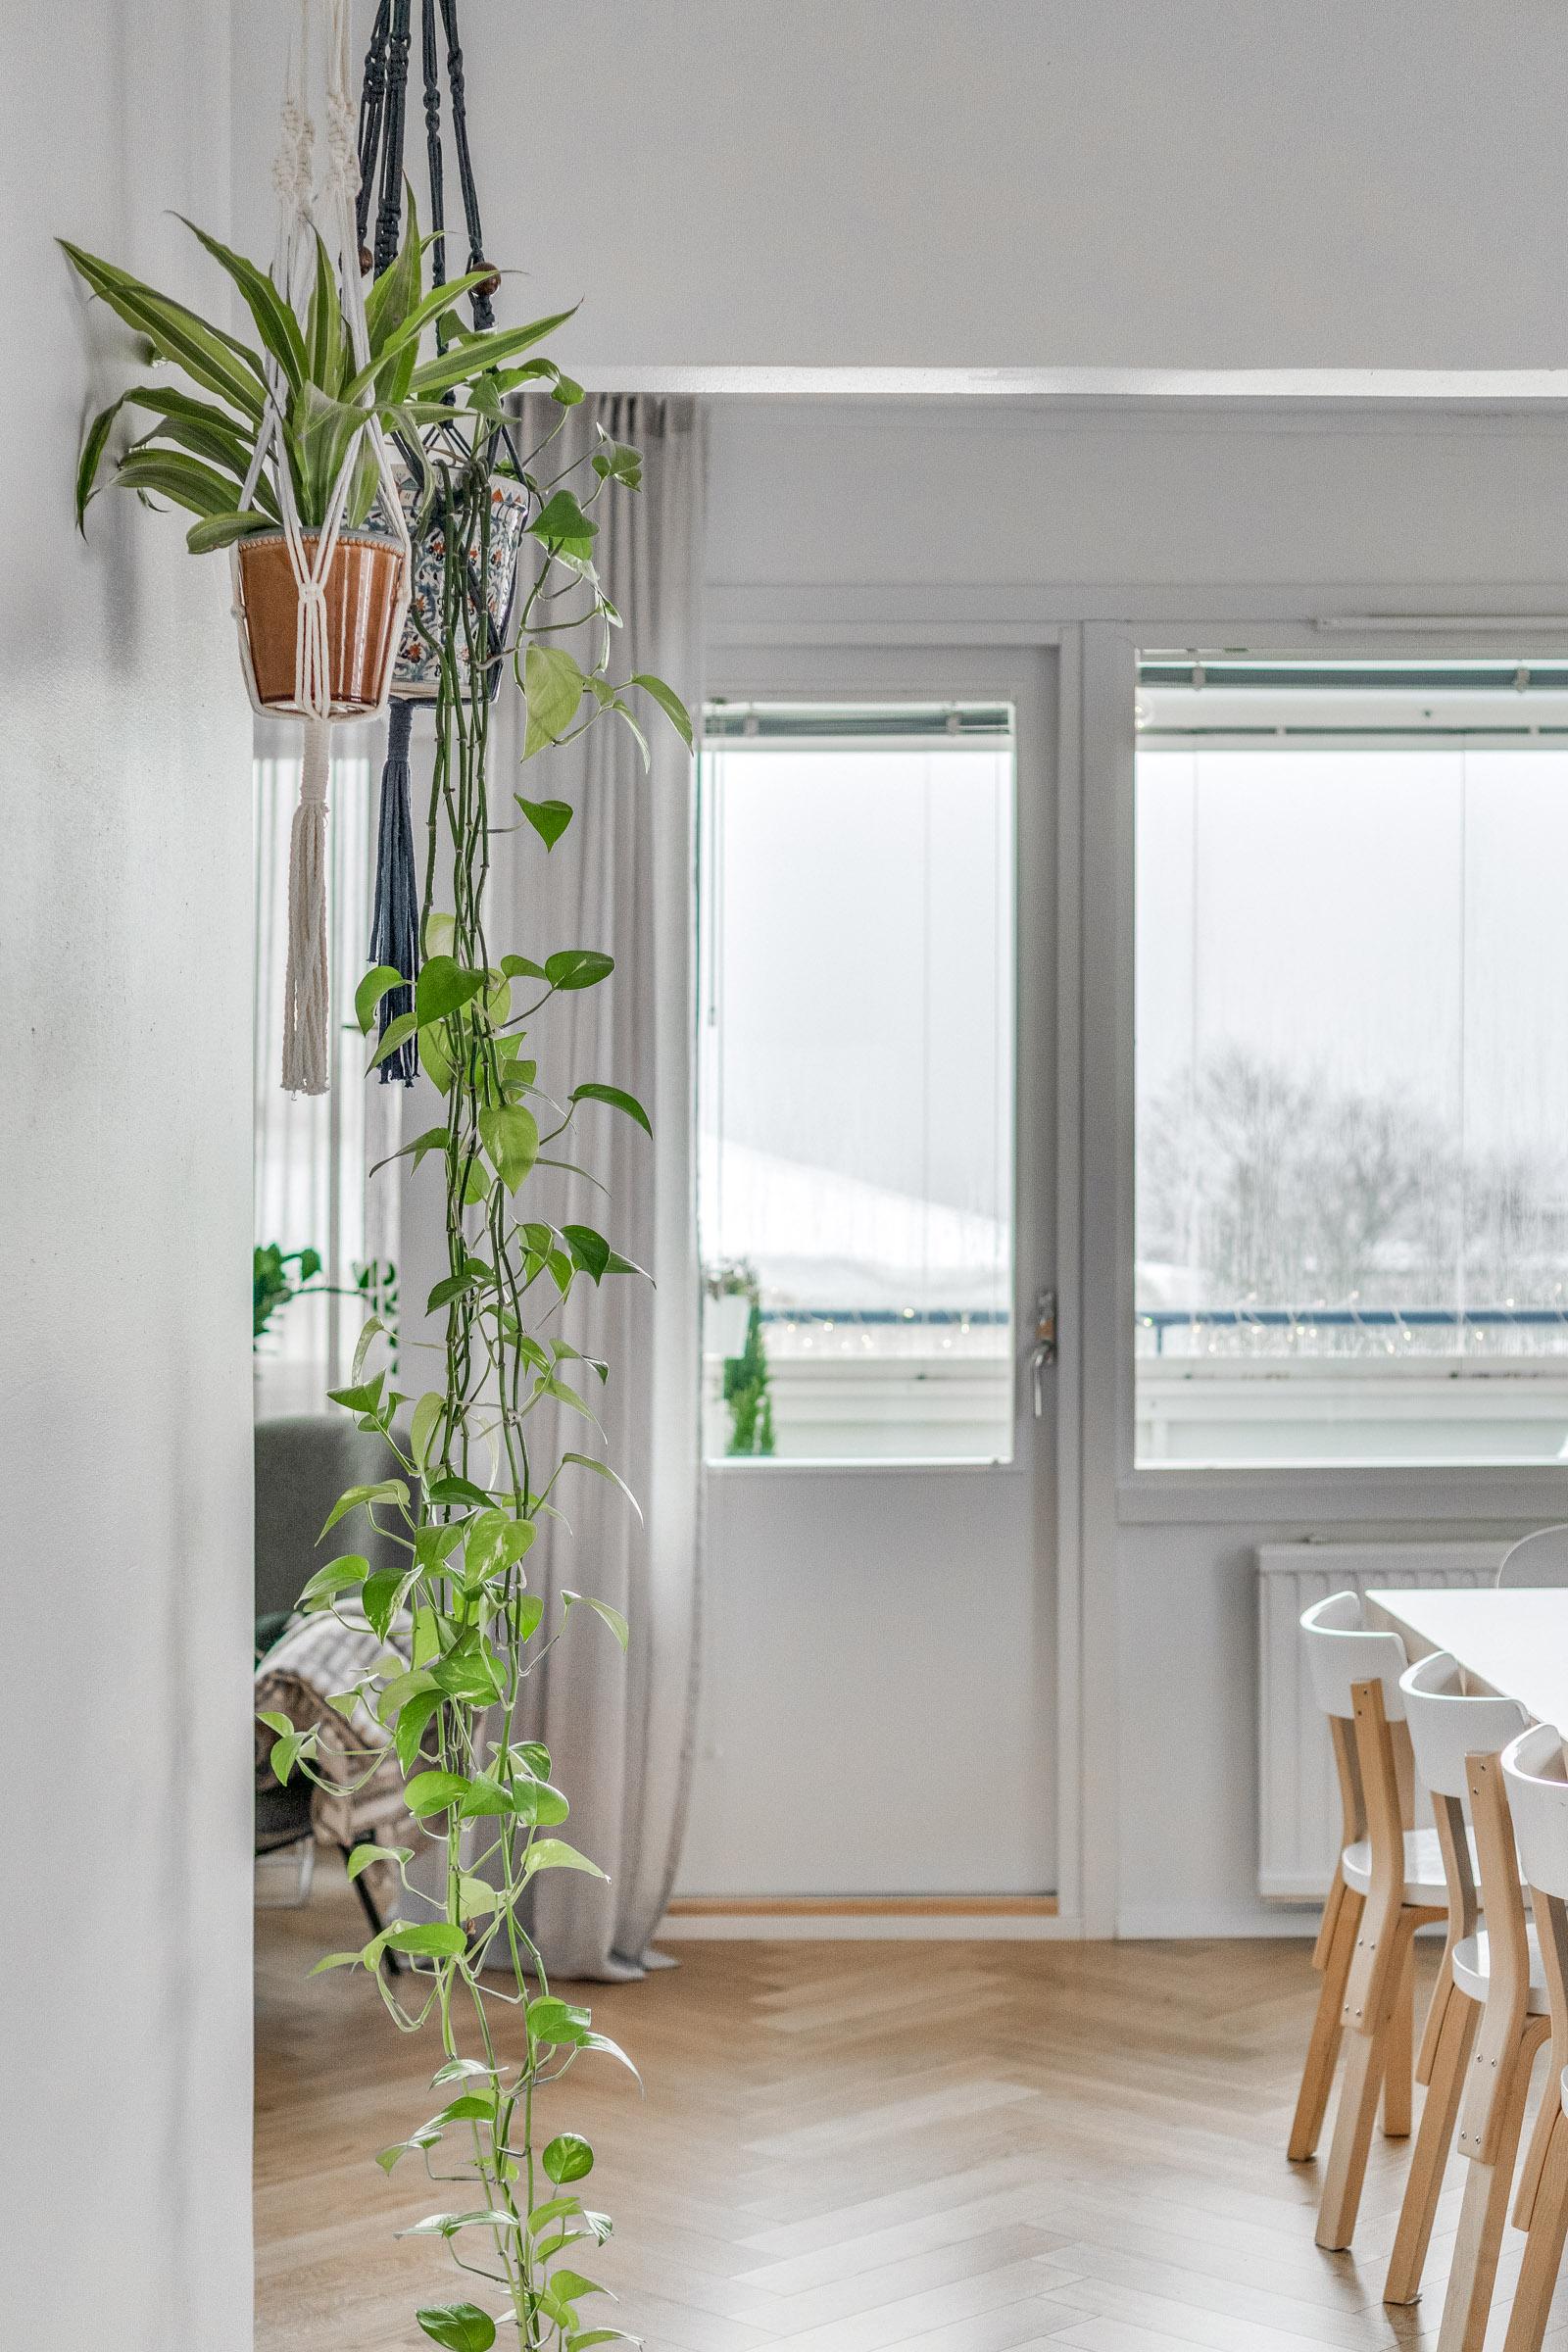 Sirkkalankatu 25 b, 20700 Turku: 10